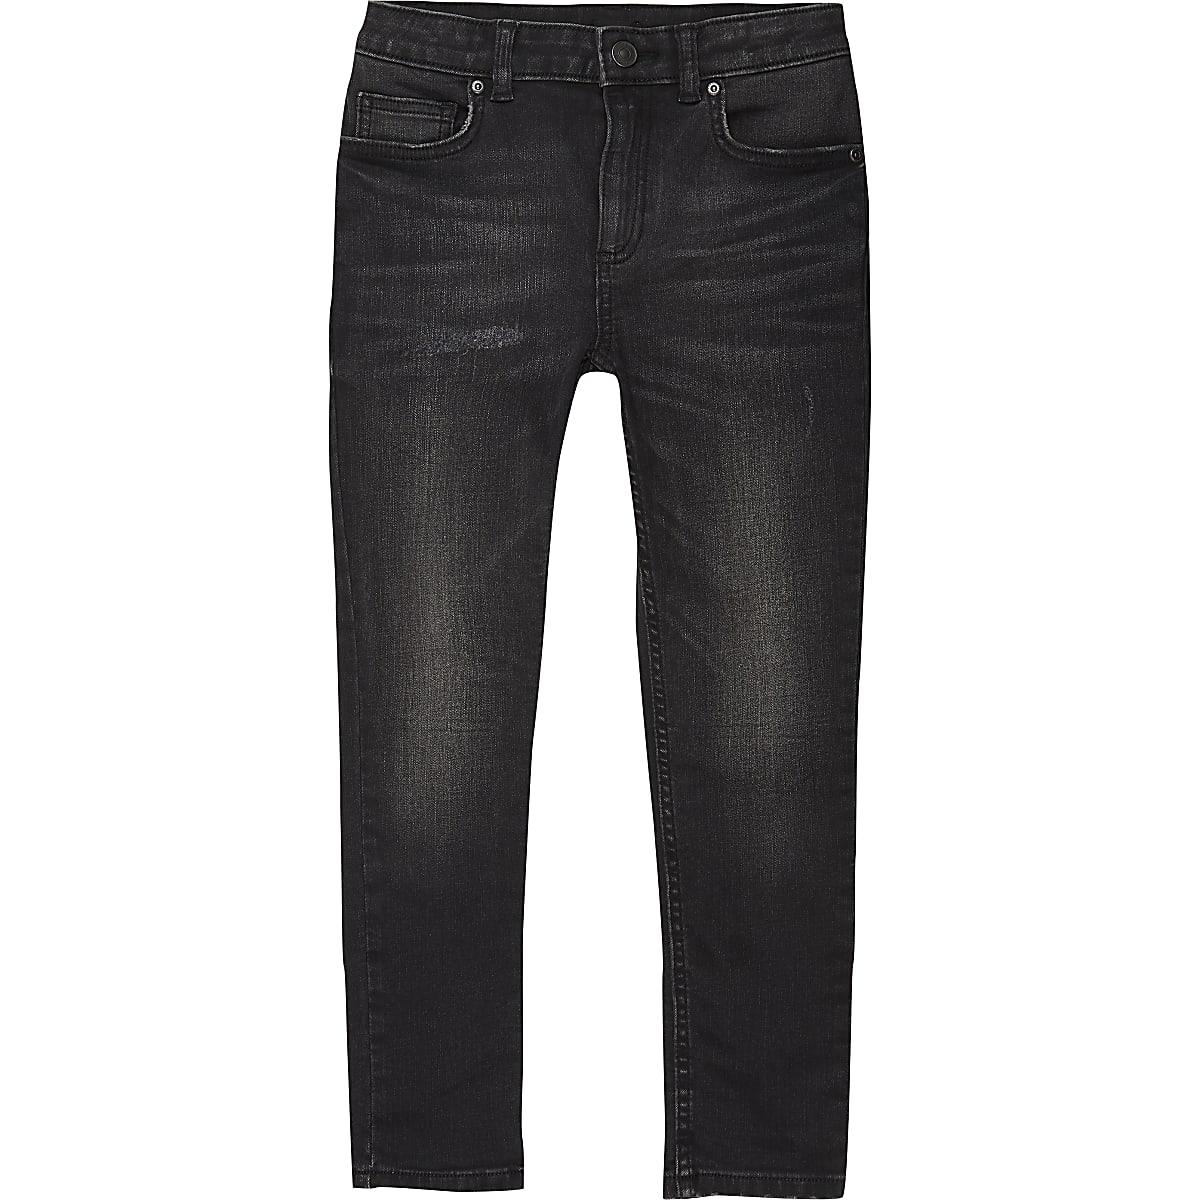 Boys black wash Sid skinny jeans